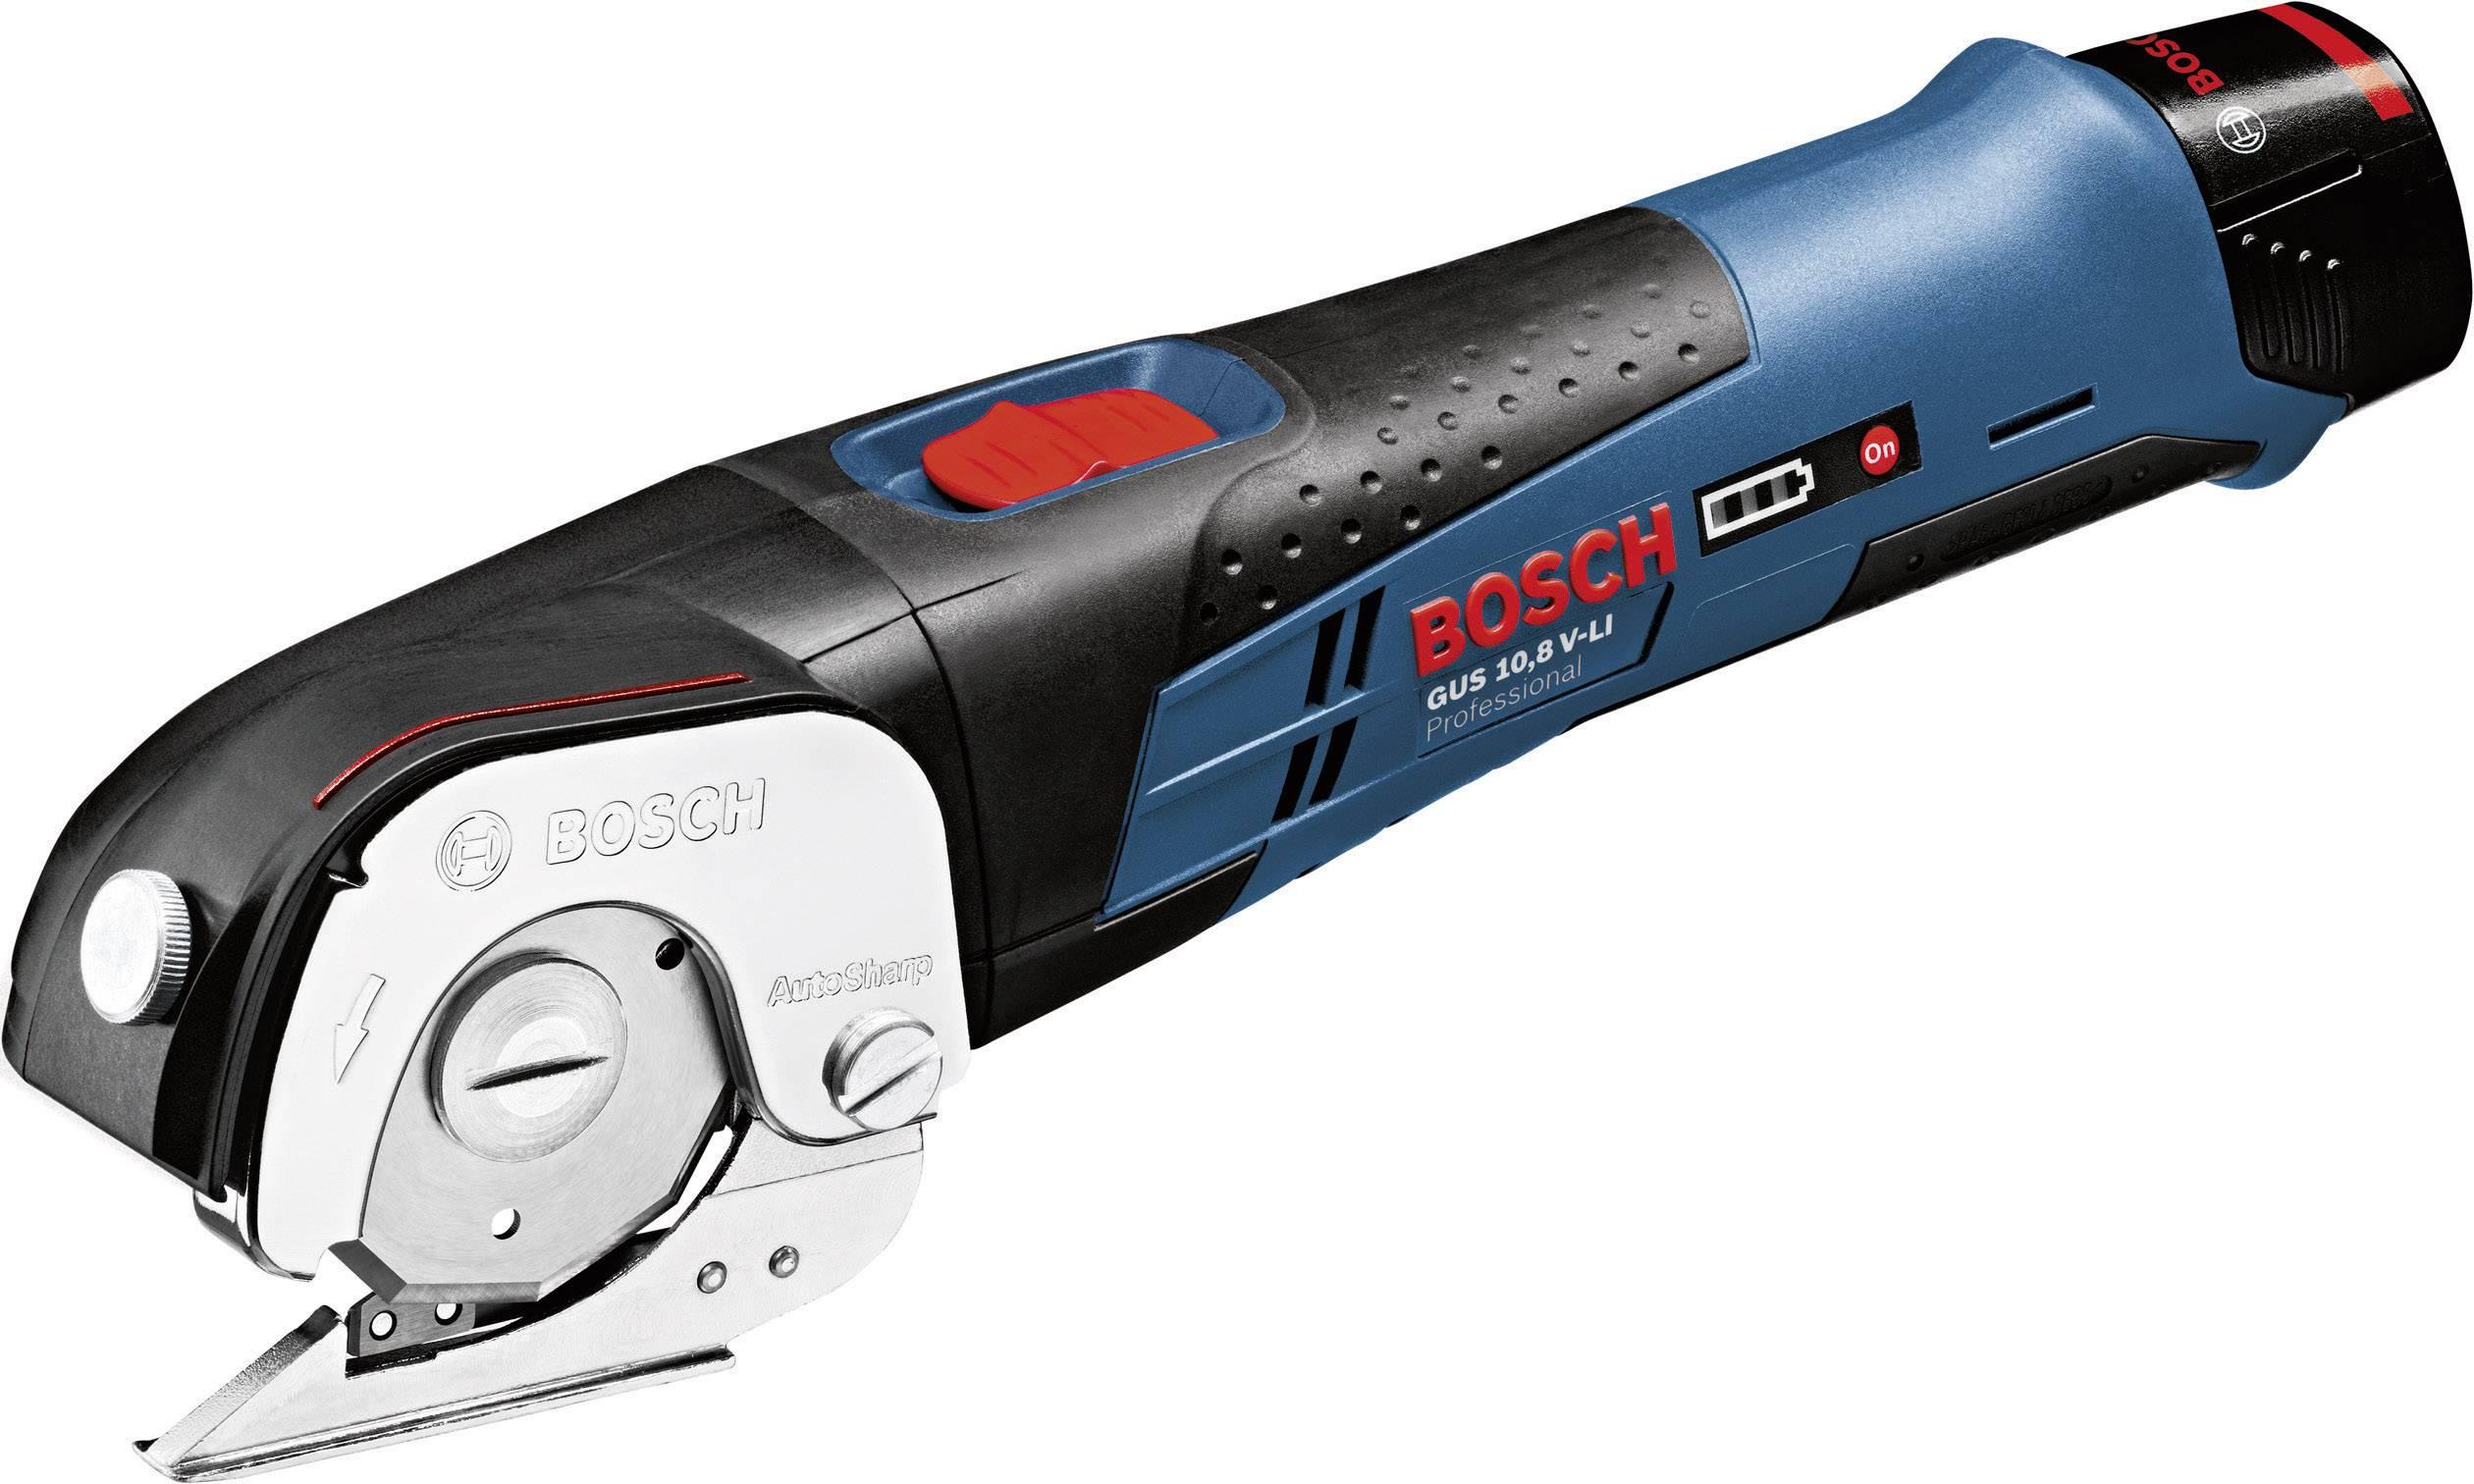 Univerzálne akumulátorové nožnice Bosch Professional GUS 10,8 V-LI